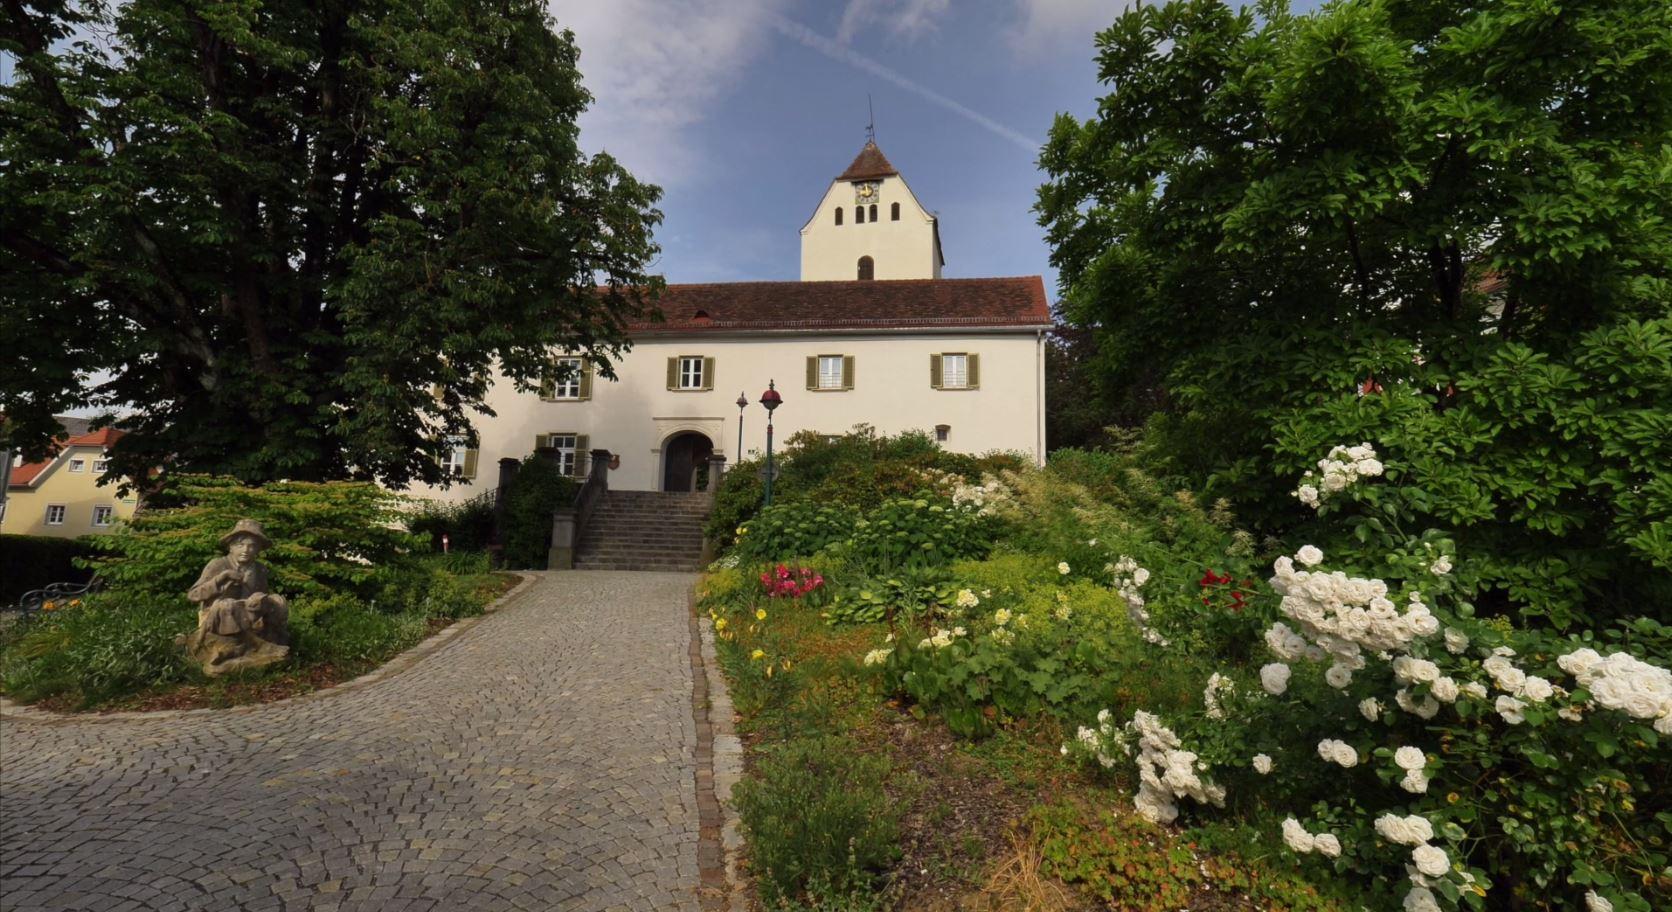 Taborkirche Außenansicht